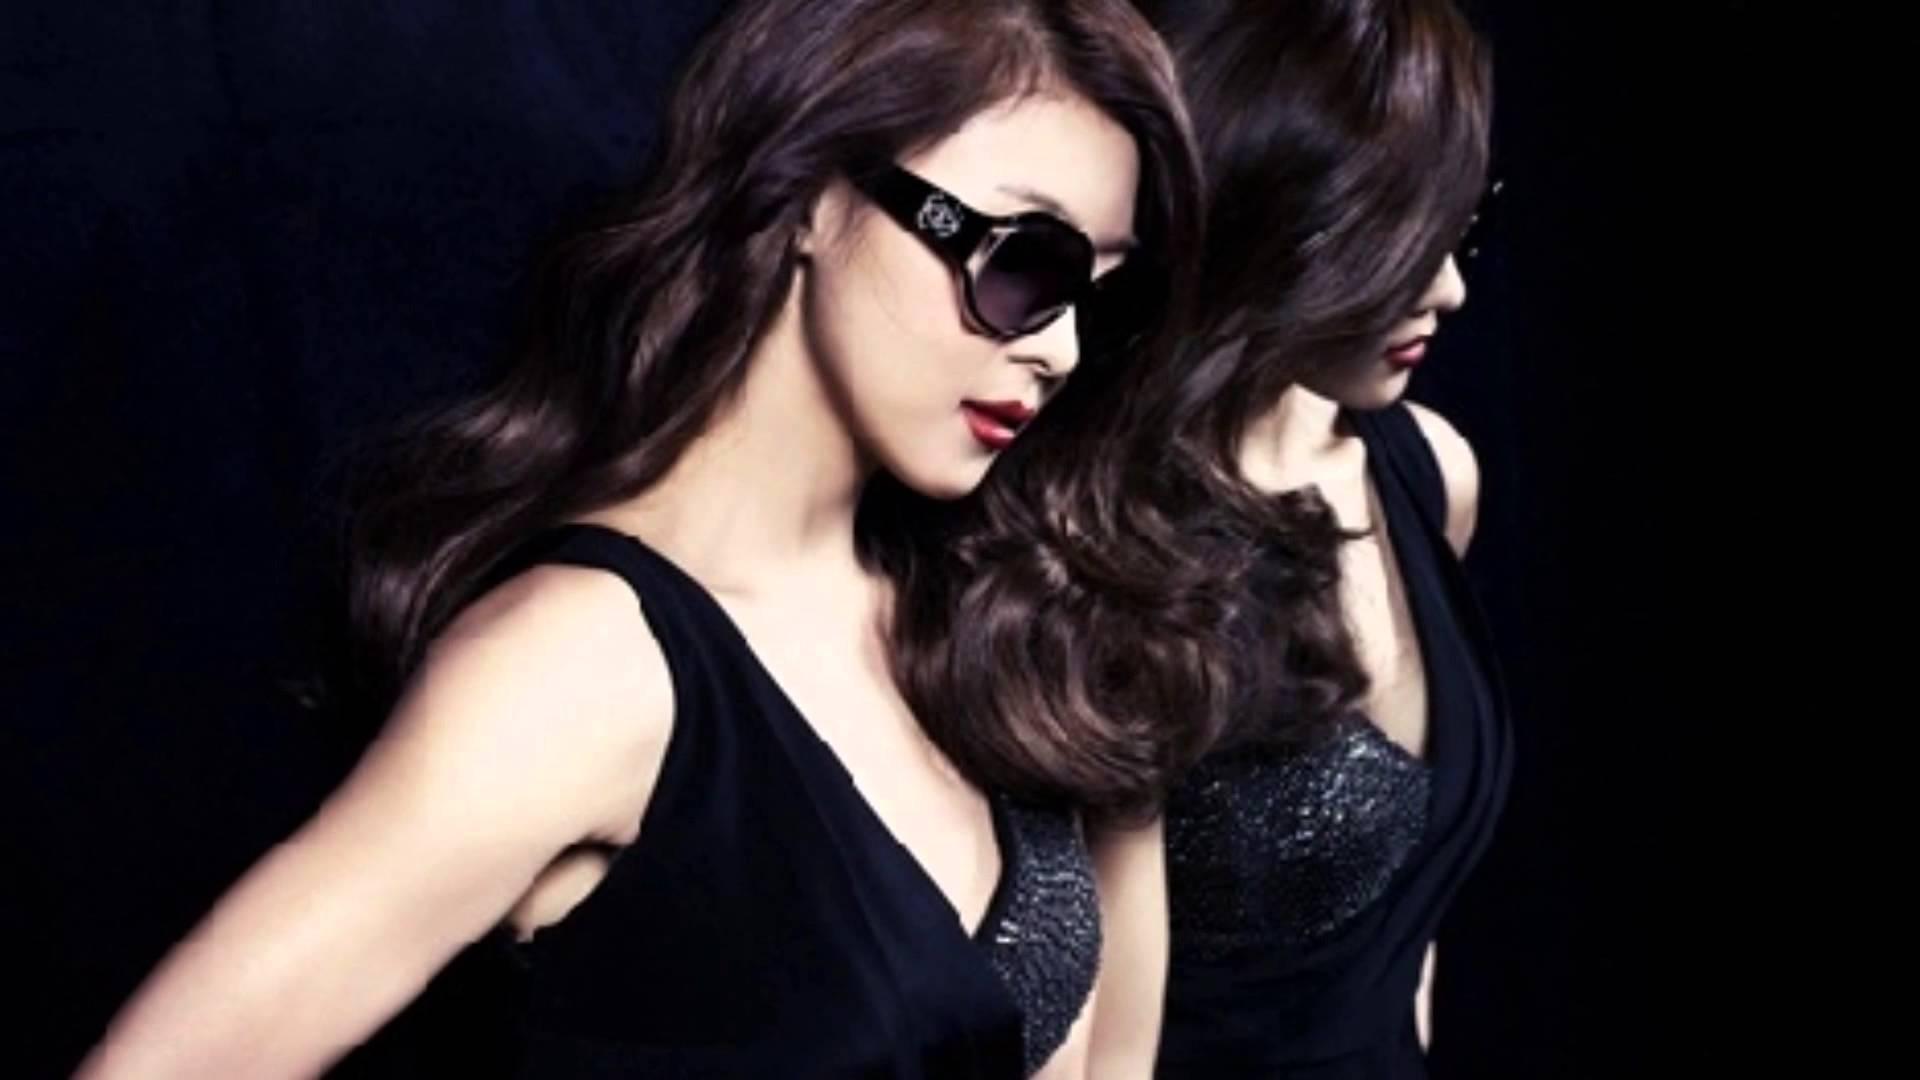 صور ممثلات كوريات , اجمل ممثلة كورية و رائعة